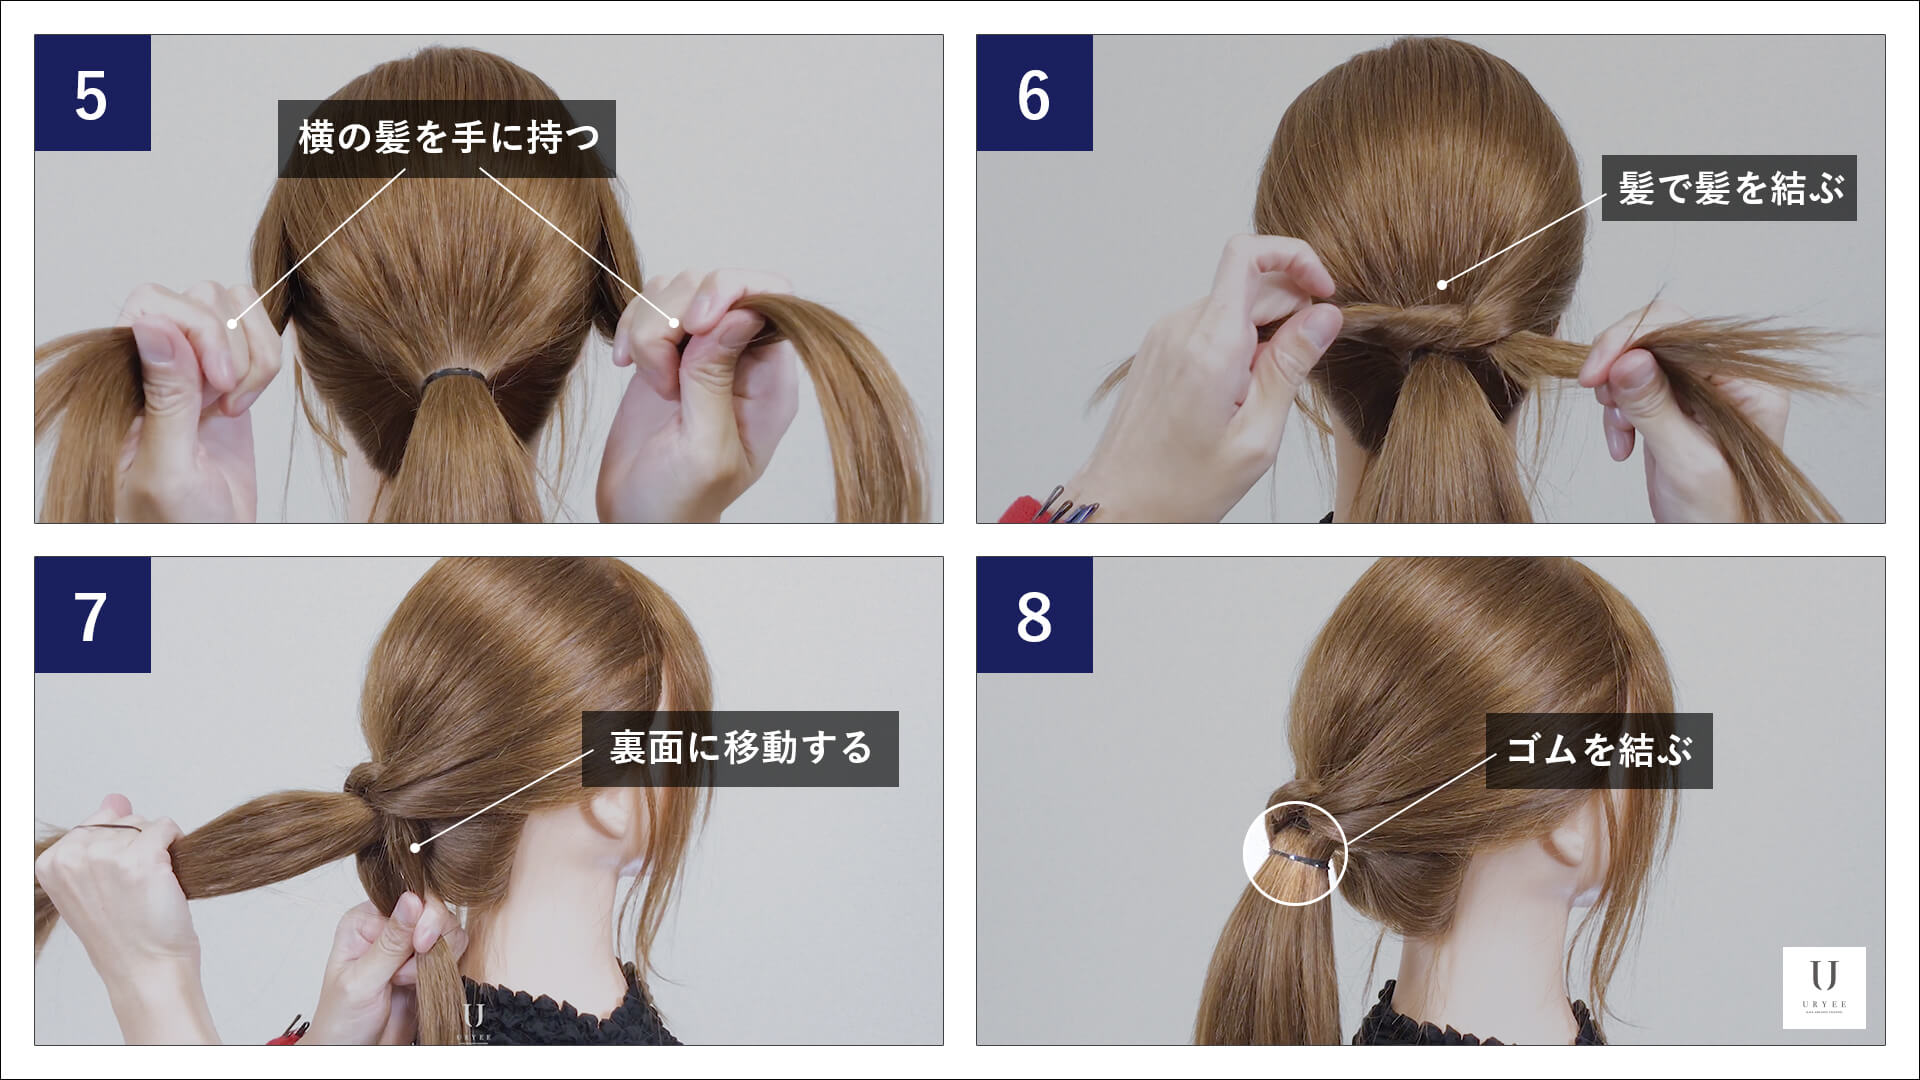 髪の毛を髪の毛で結ぶ方法|ヘアピンなしでゴムを隠すやり方